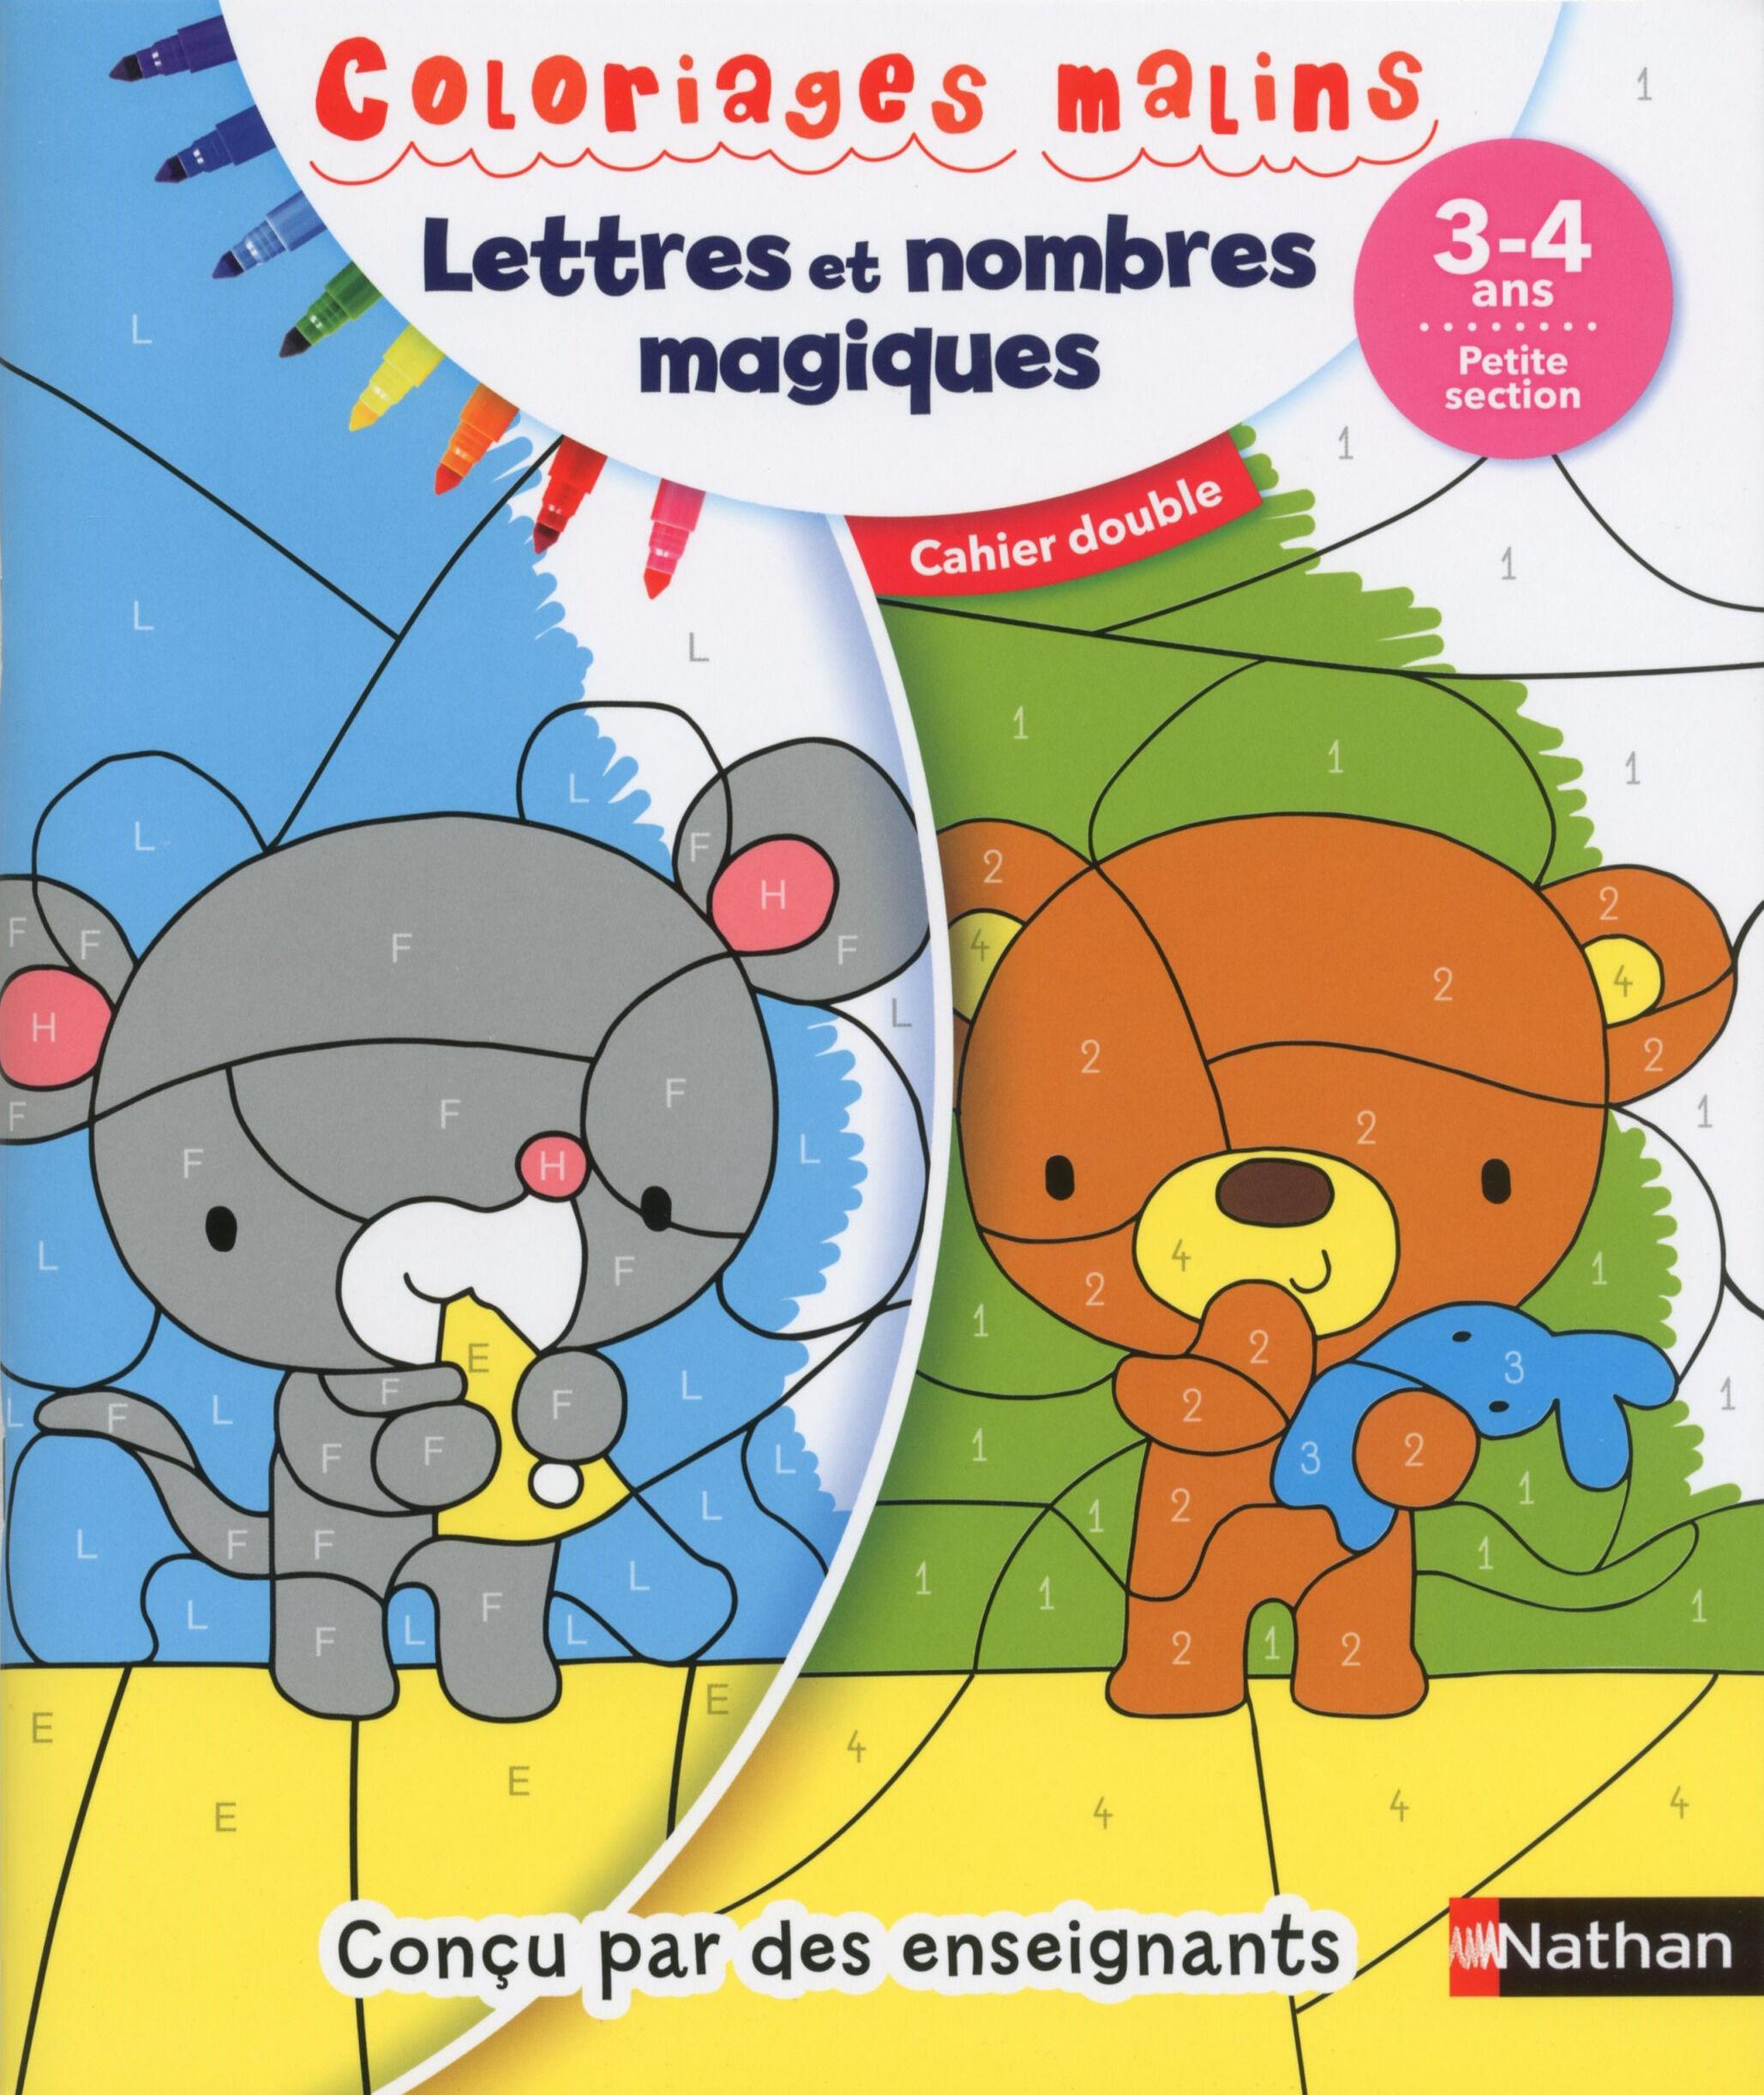 Coloriages malins duo lettres et nombres magiques PS